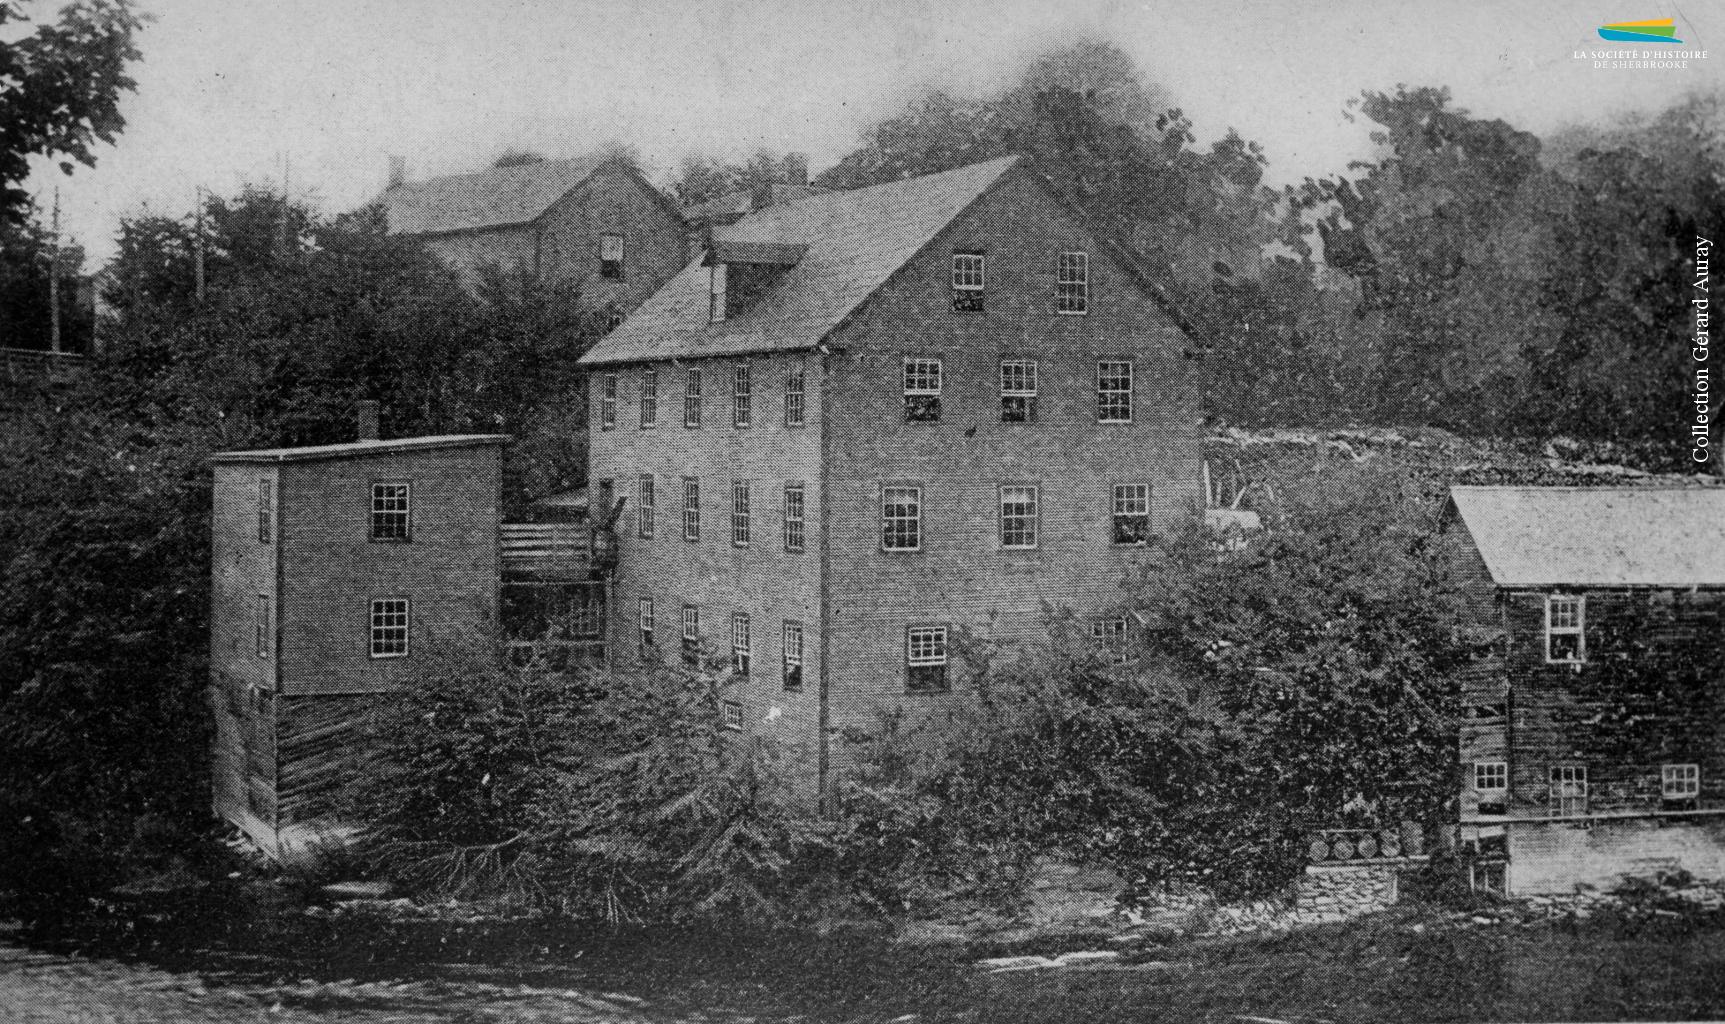 La compagnie <em>Magog Woollen Mills</em>, sur la rivière Magog, vers 1898. Établie par A.L. Grindrod en 1868, elle devient ensuite la propriété de la famille Lomas jusqu'à sa fermeture en 1924.